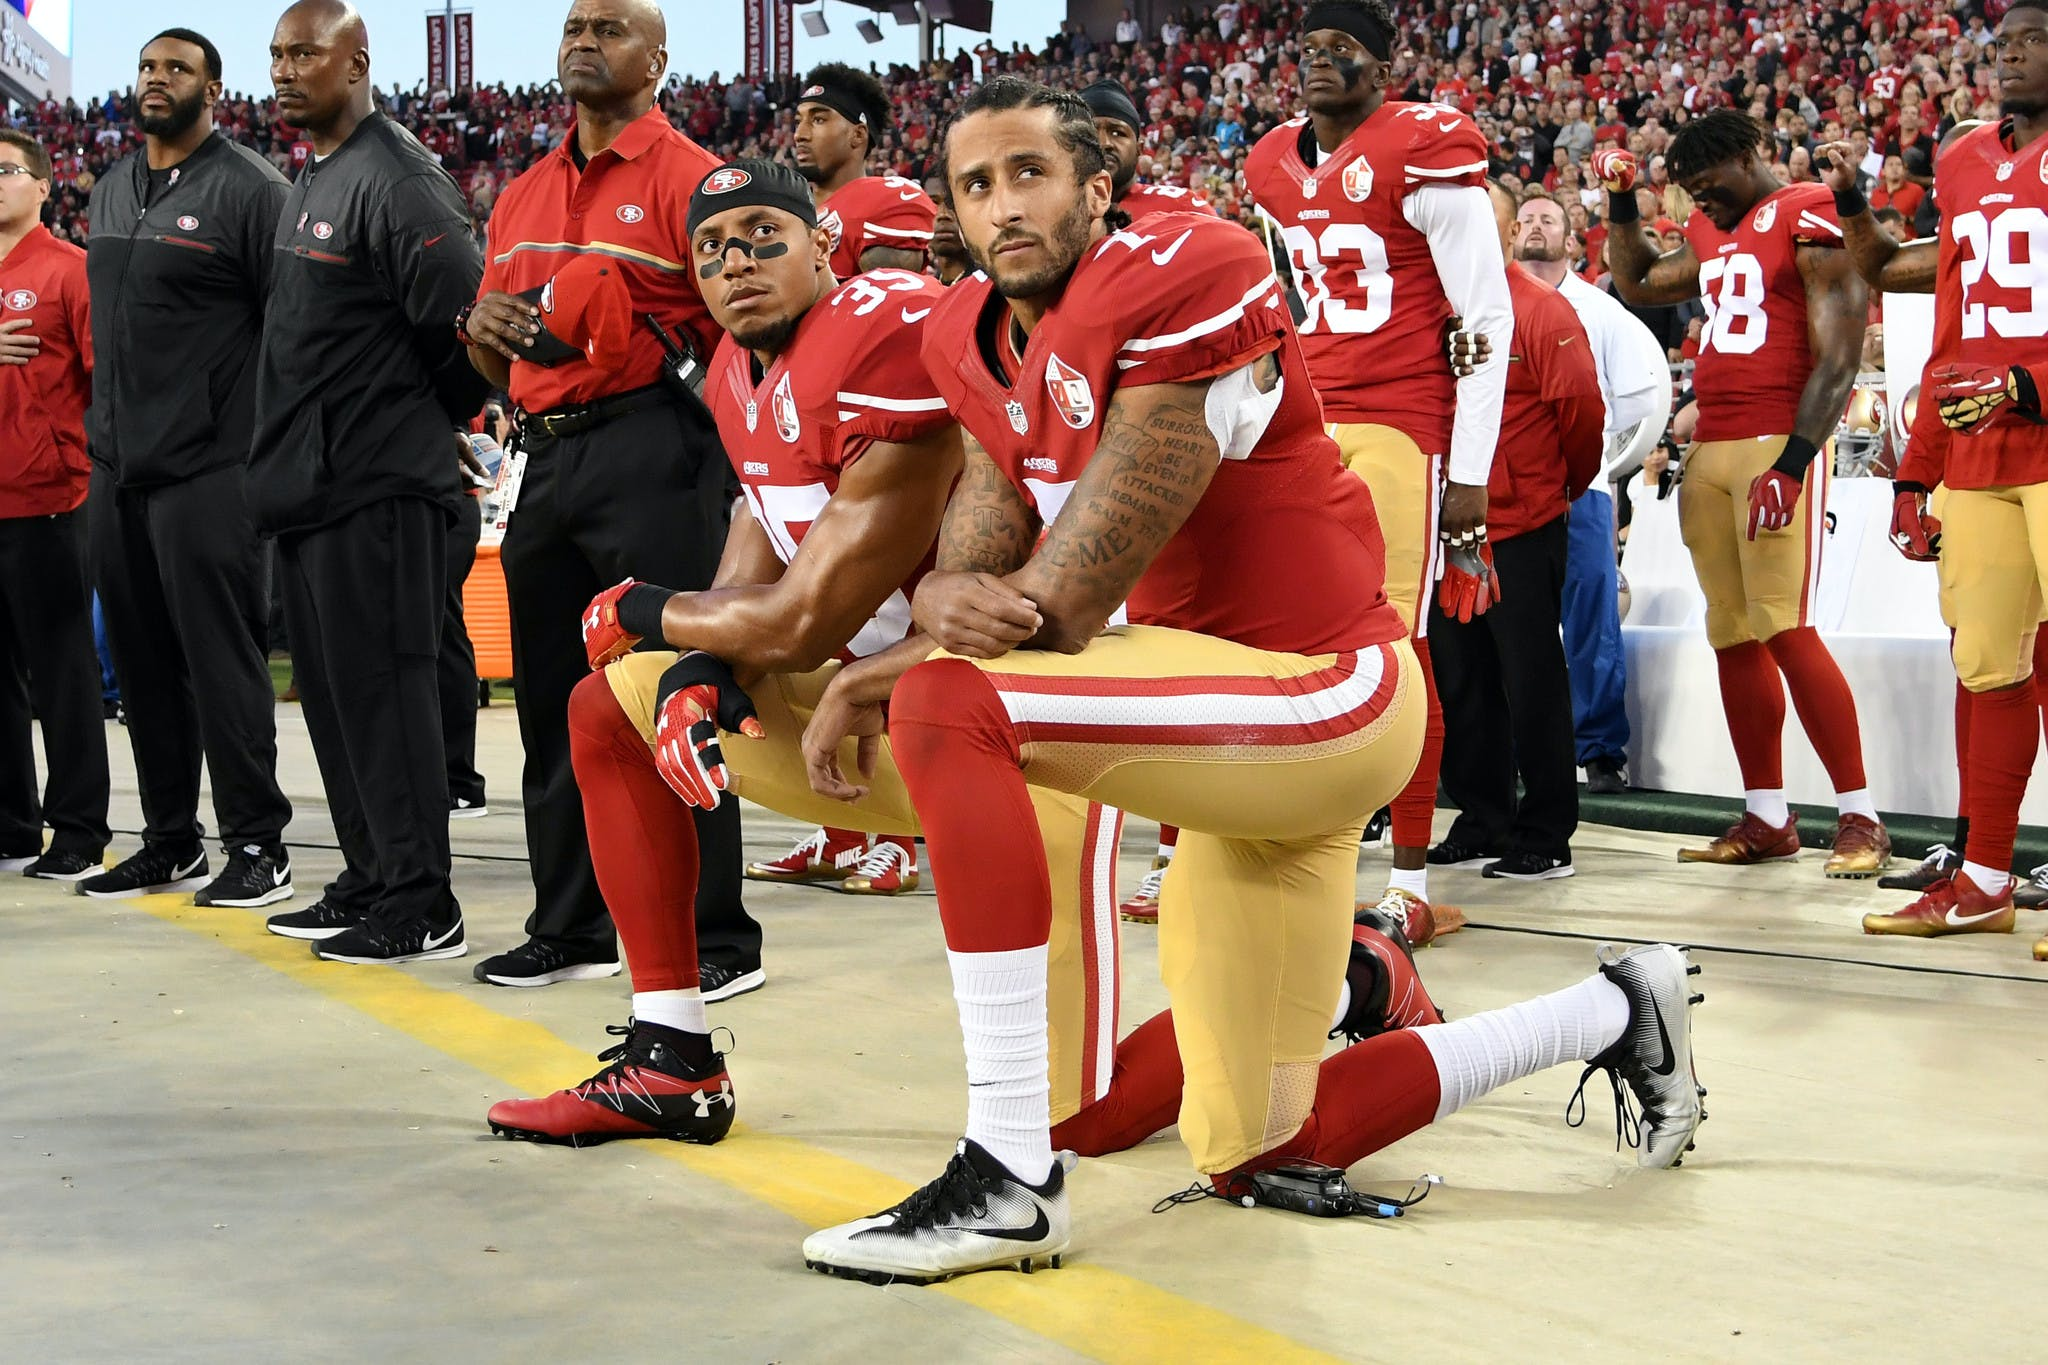 Colin Kaepernick et Eric Reid agenouillé lors de l'hymne nationale américaine